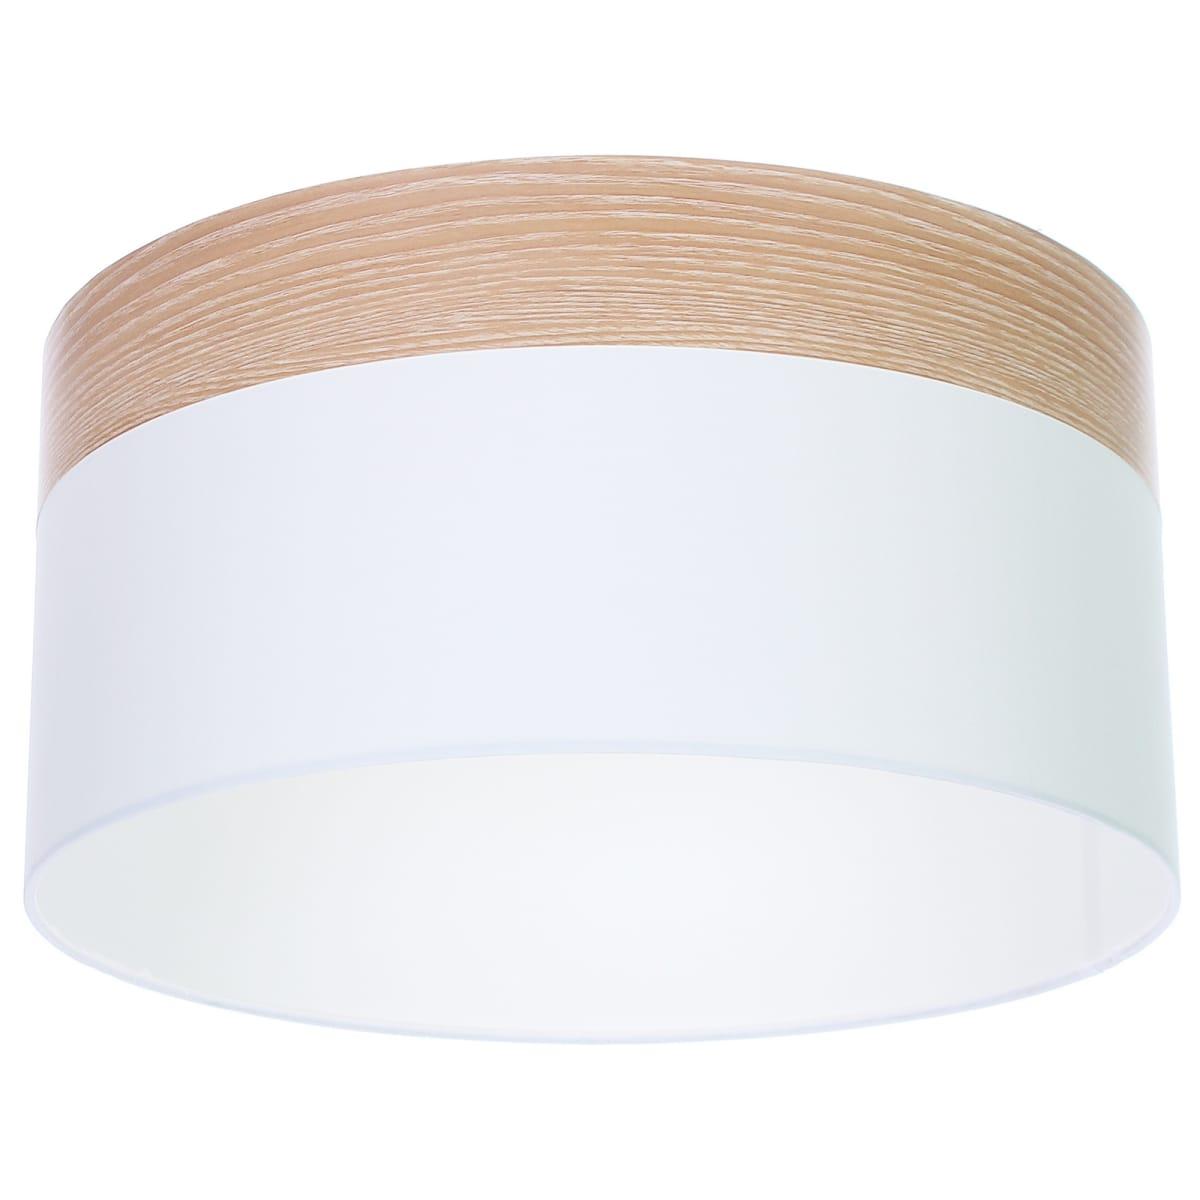 Светильник потолочный 15221D 3xE27х40 Вт, цвет бежевый